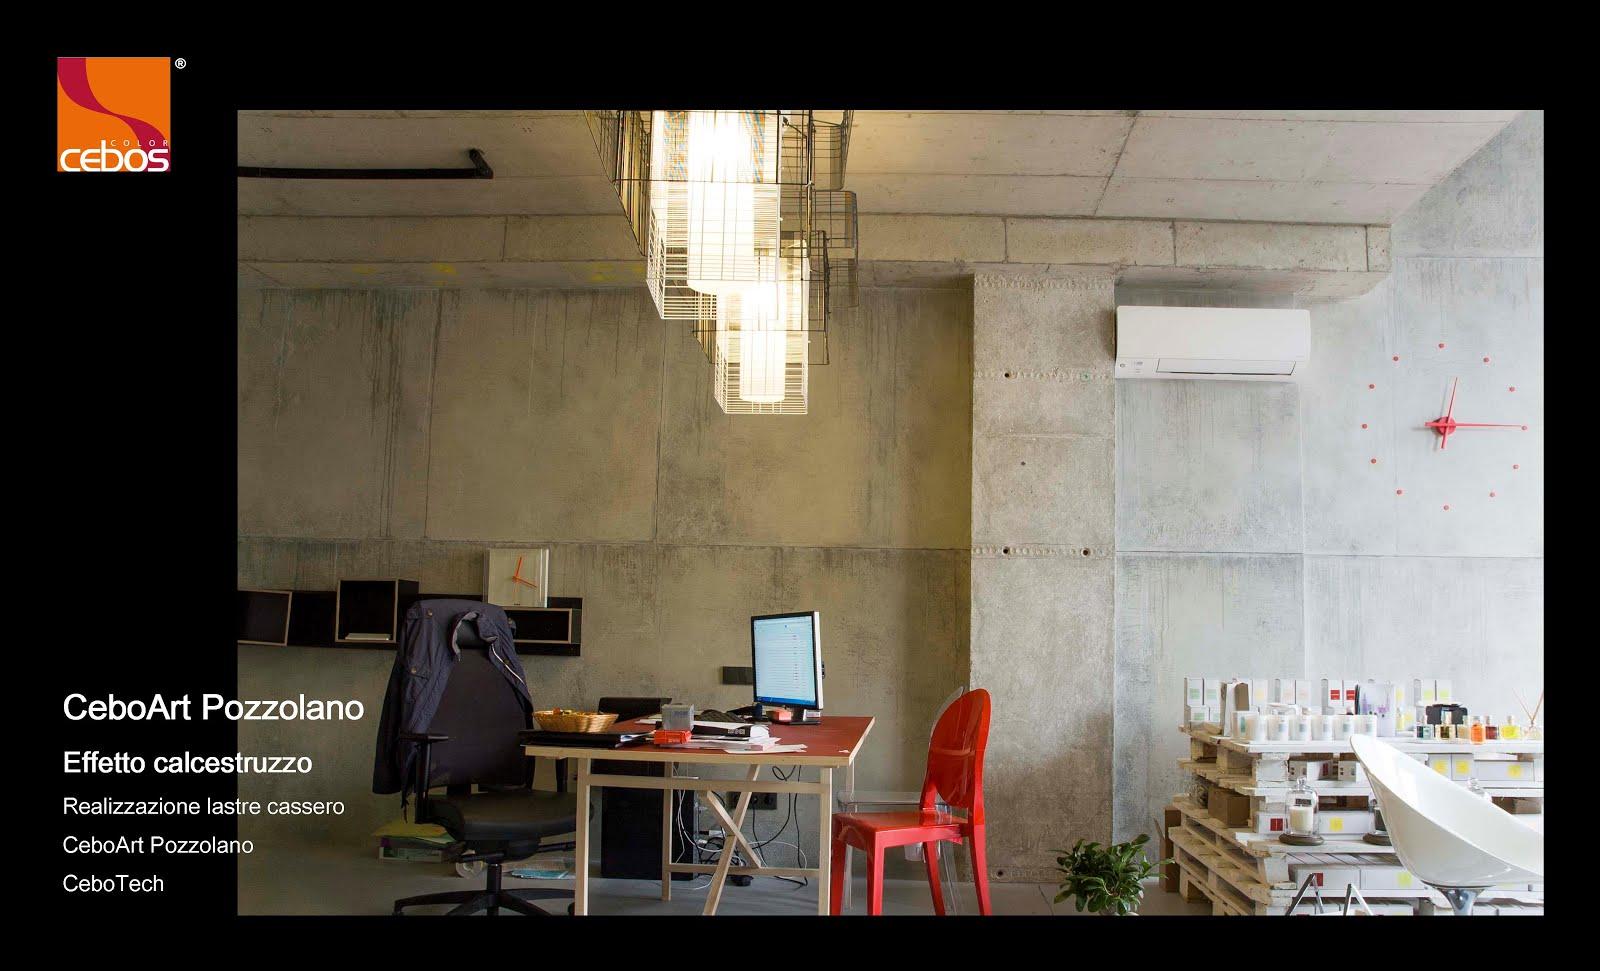 Pittura Cemento Design: Applicare un effetto cemento cerato ...